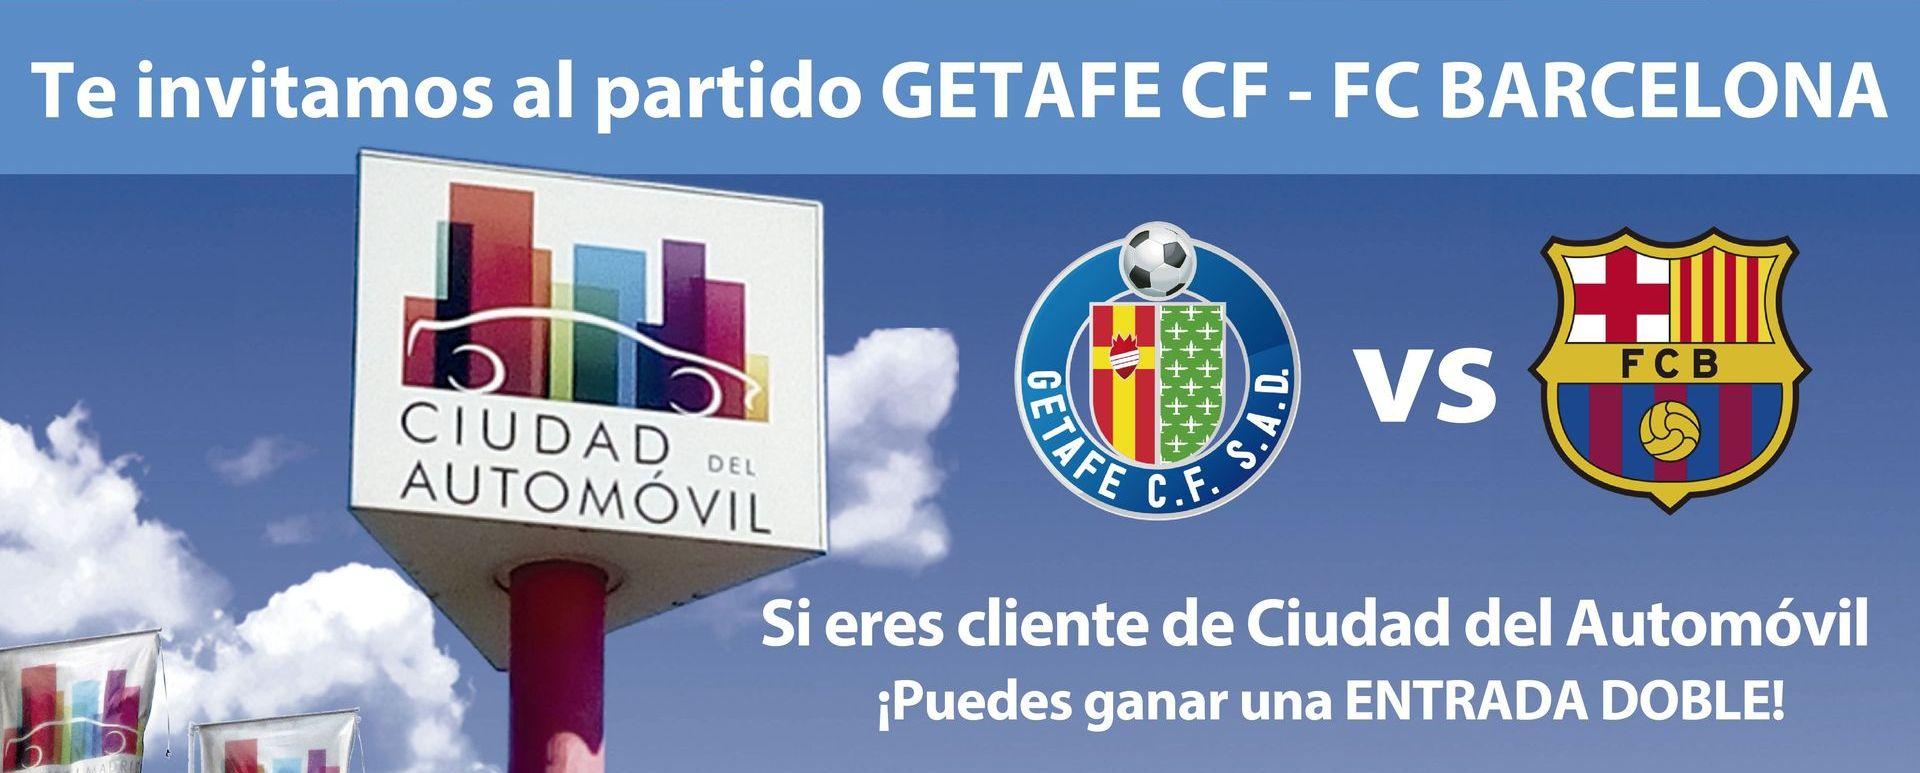 Ciudad del Automóvil sortea dos entradas dobles para el partido Getafe CF vs FC Barcelona del 28 de septiembre de 2019